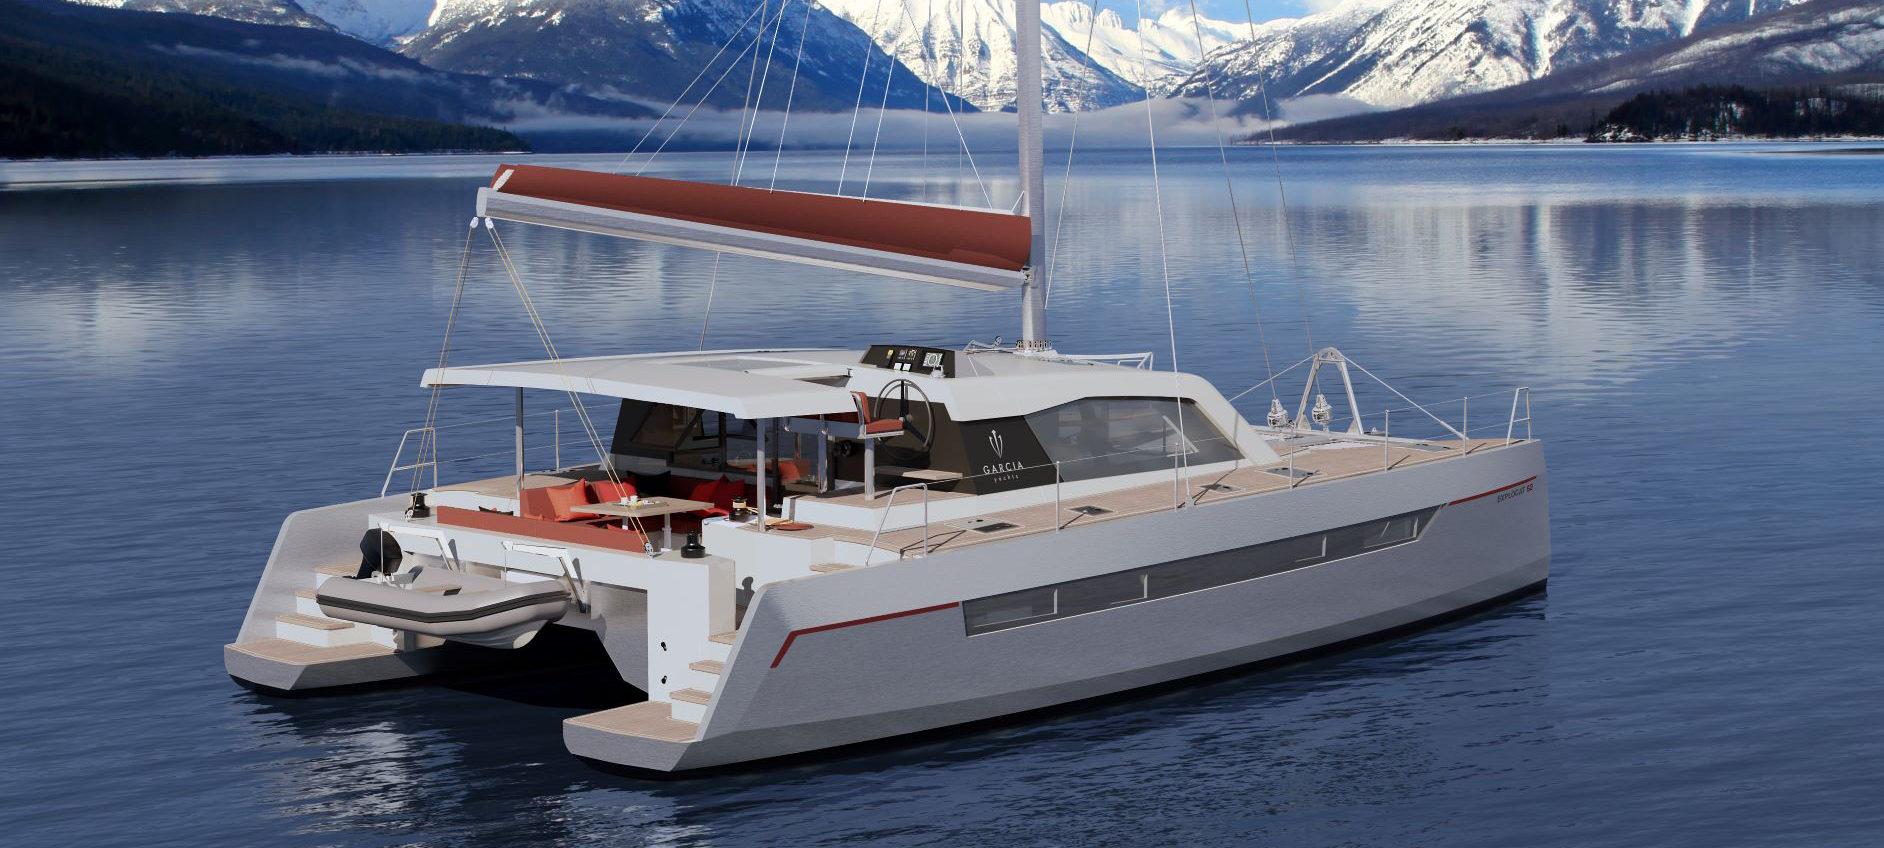 Explocat 52 - The Aluminium Exploration Catamaran - Garcia